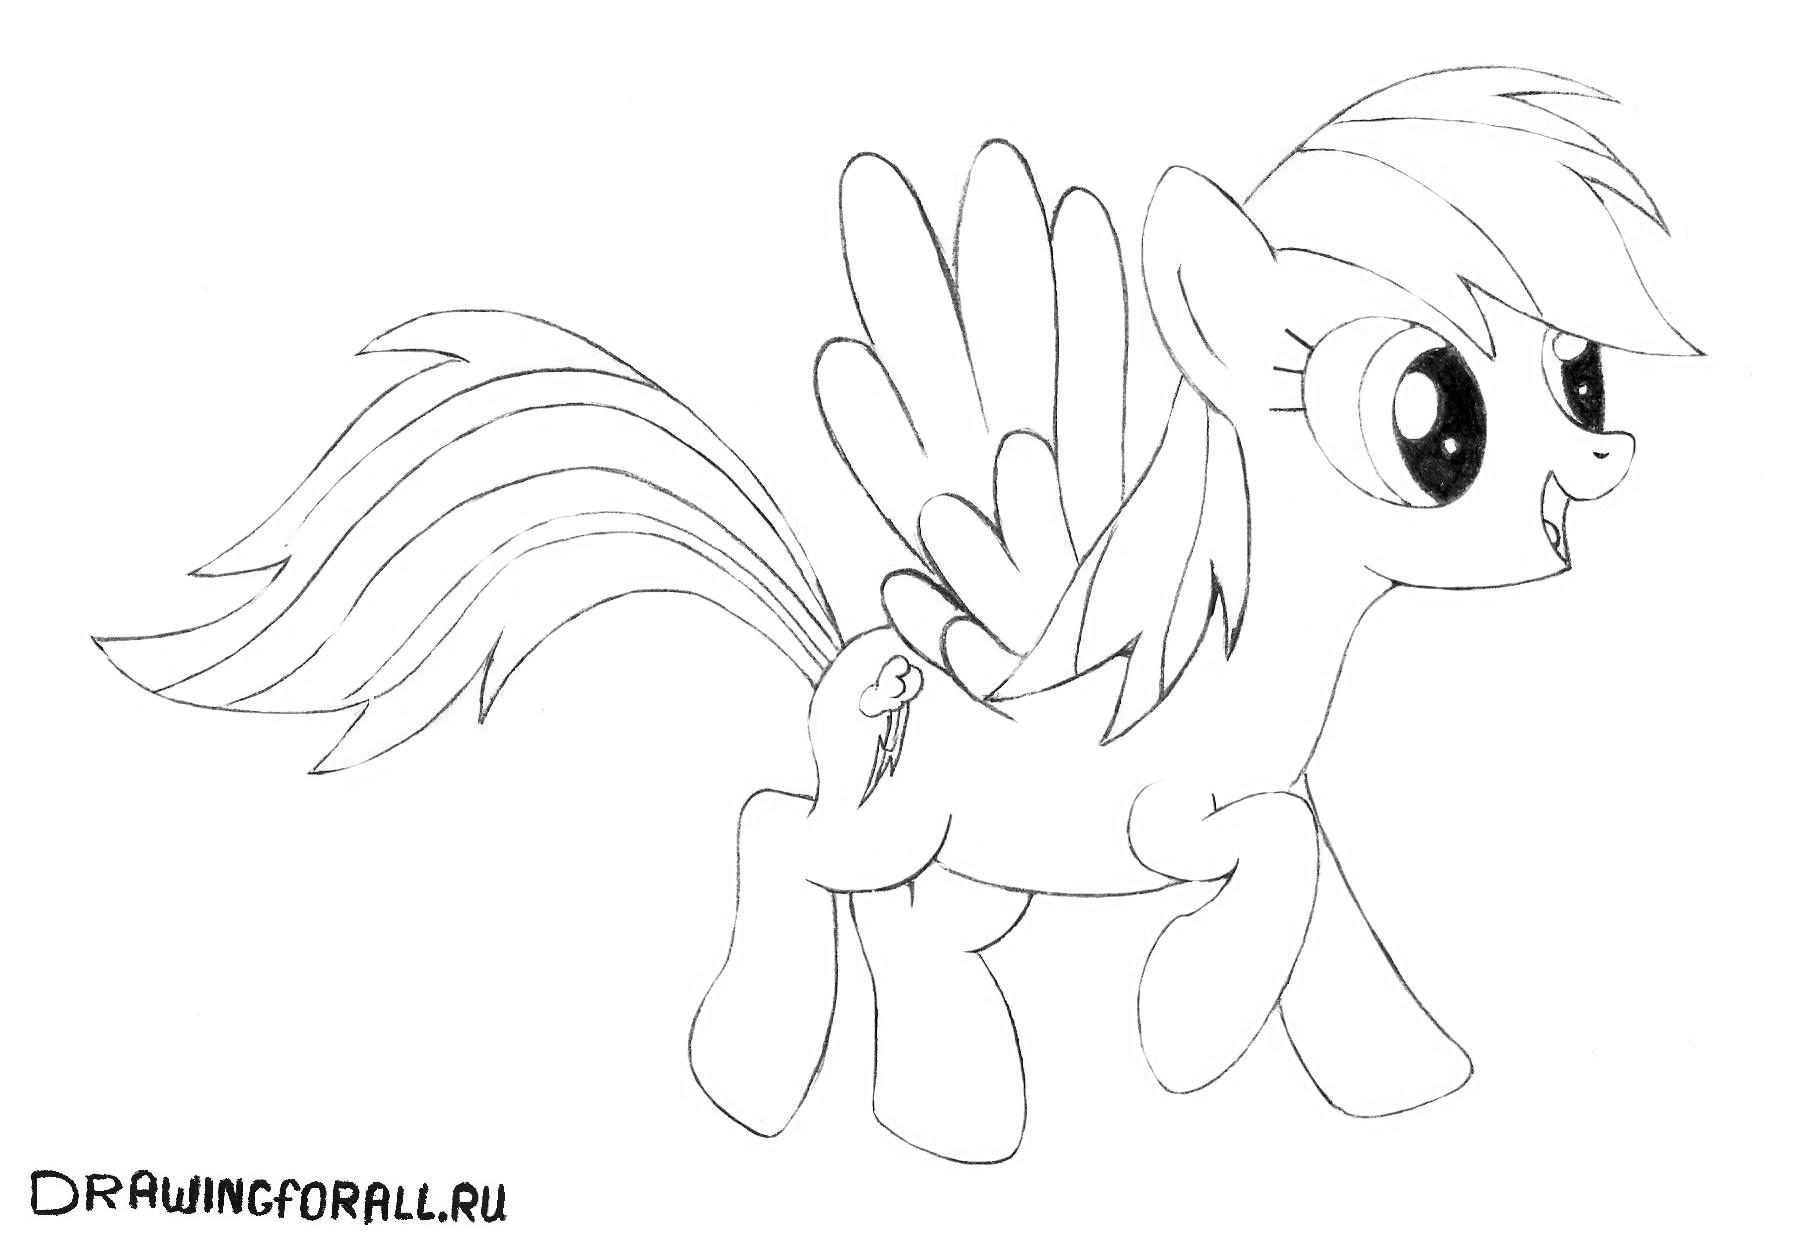 Как нарисовать пони - b7ab